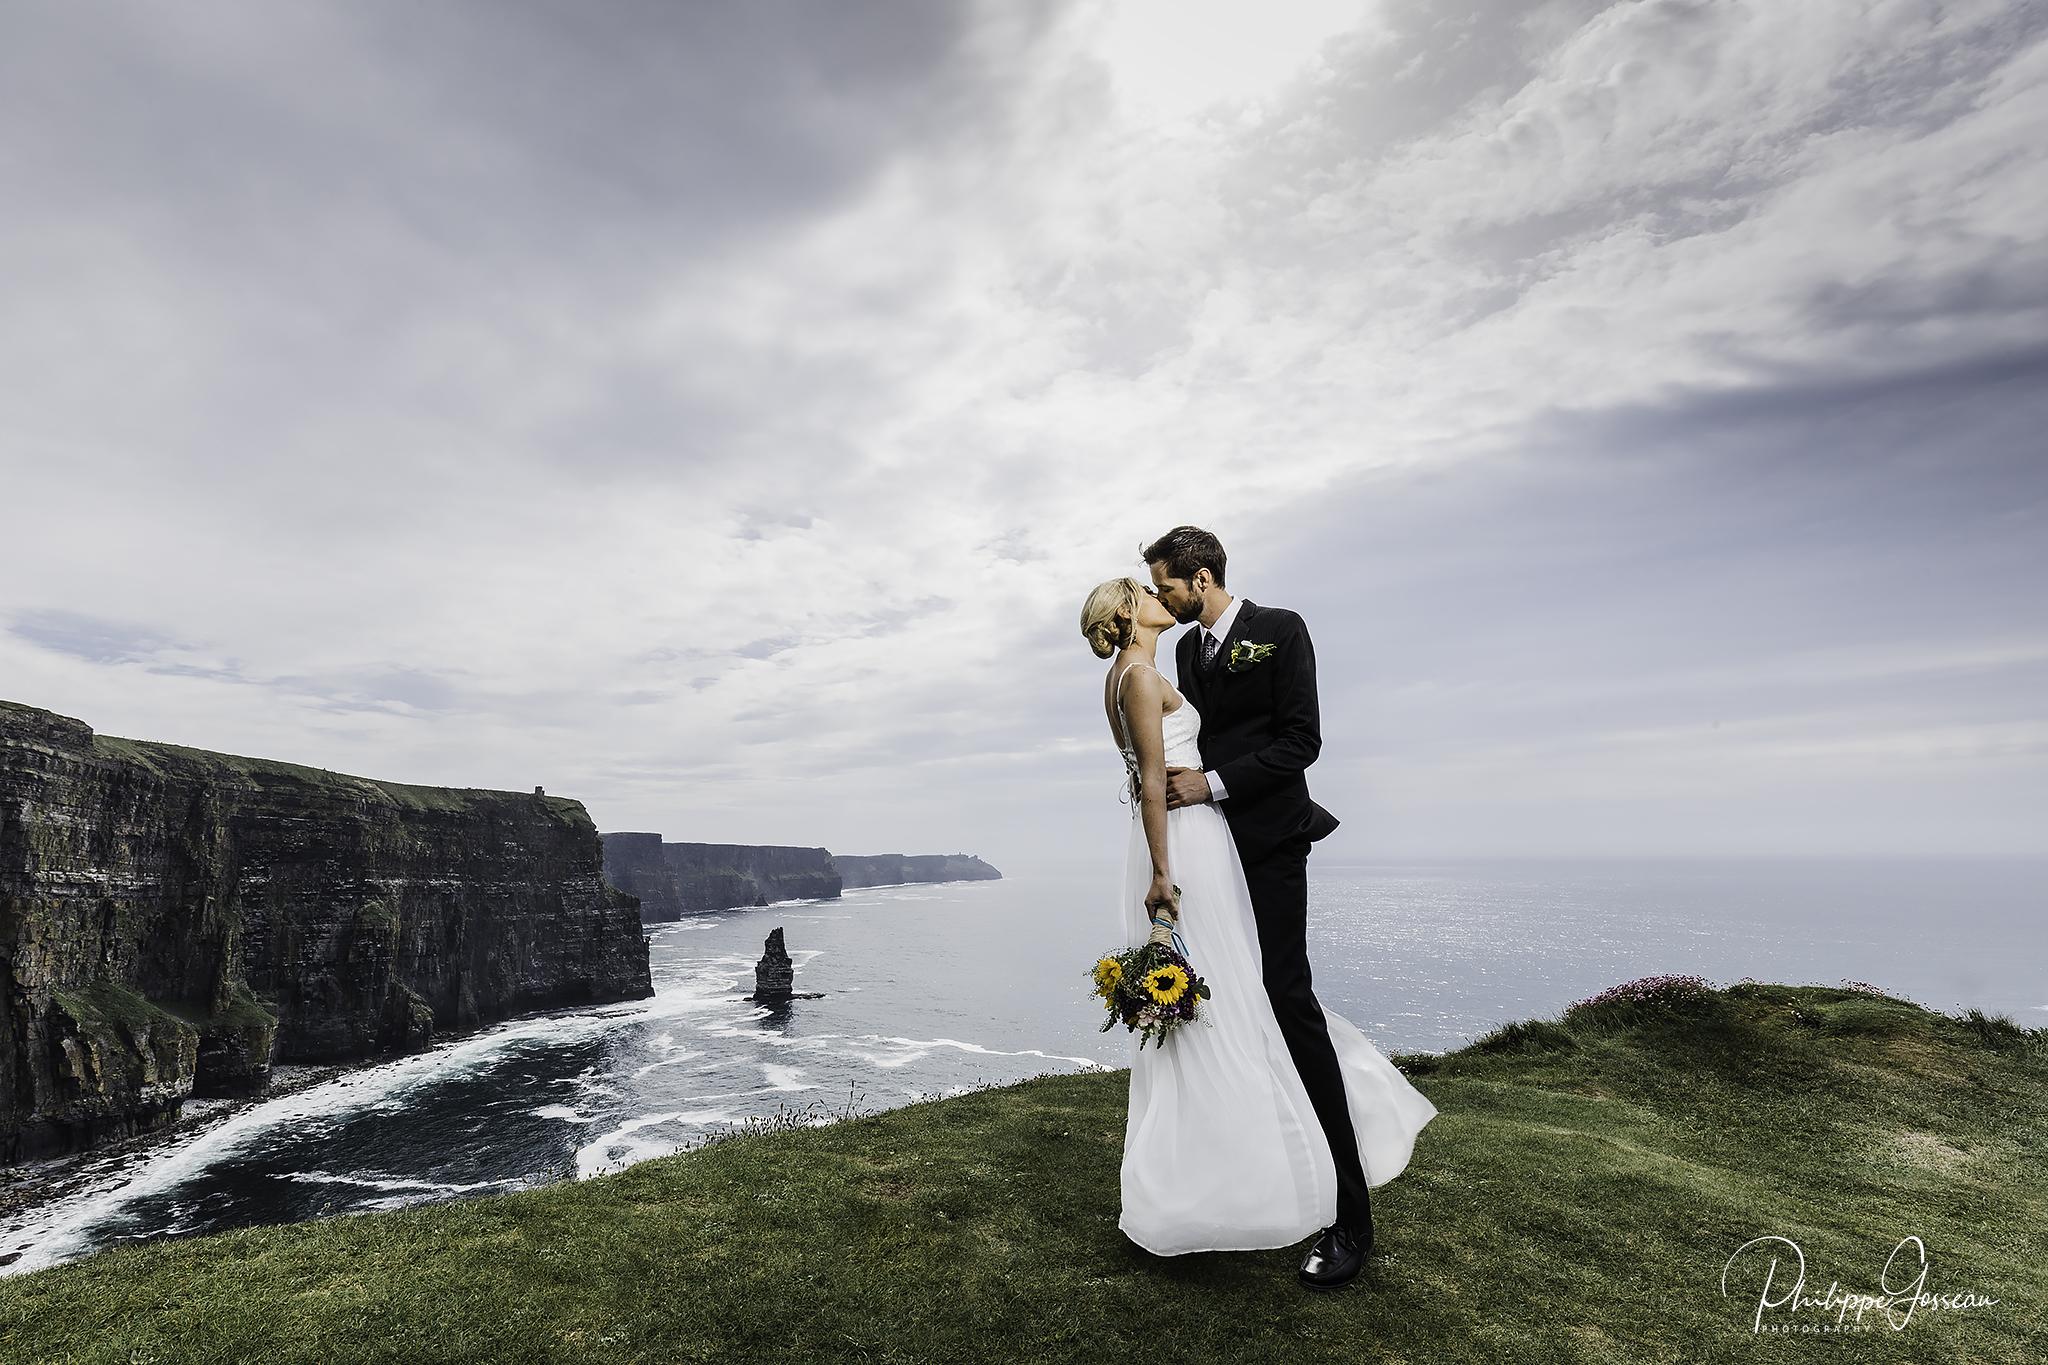 Elopement Wedding and Honeymoon in Ireland